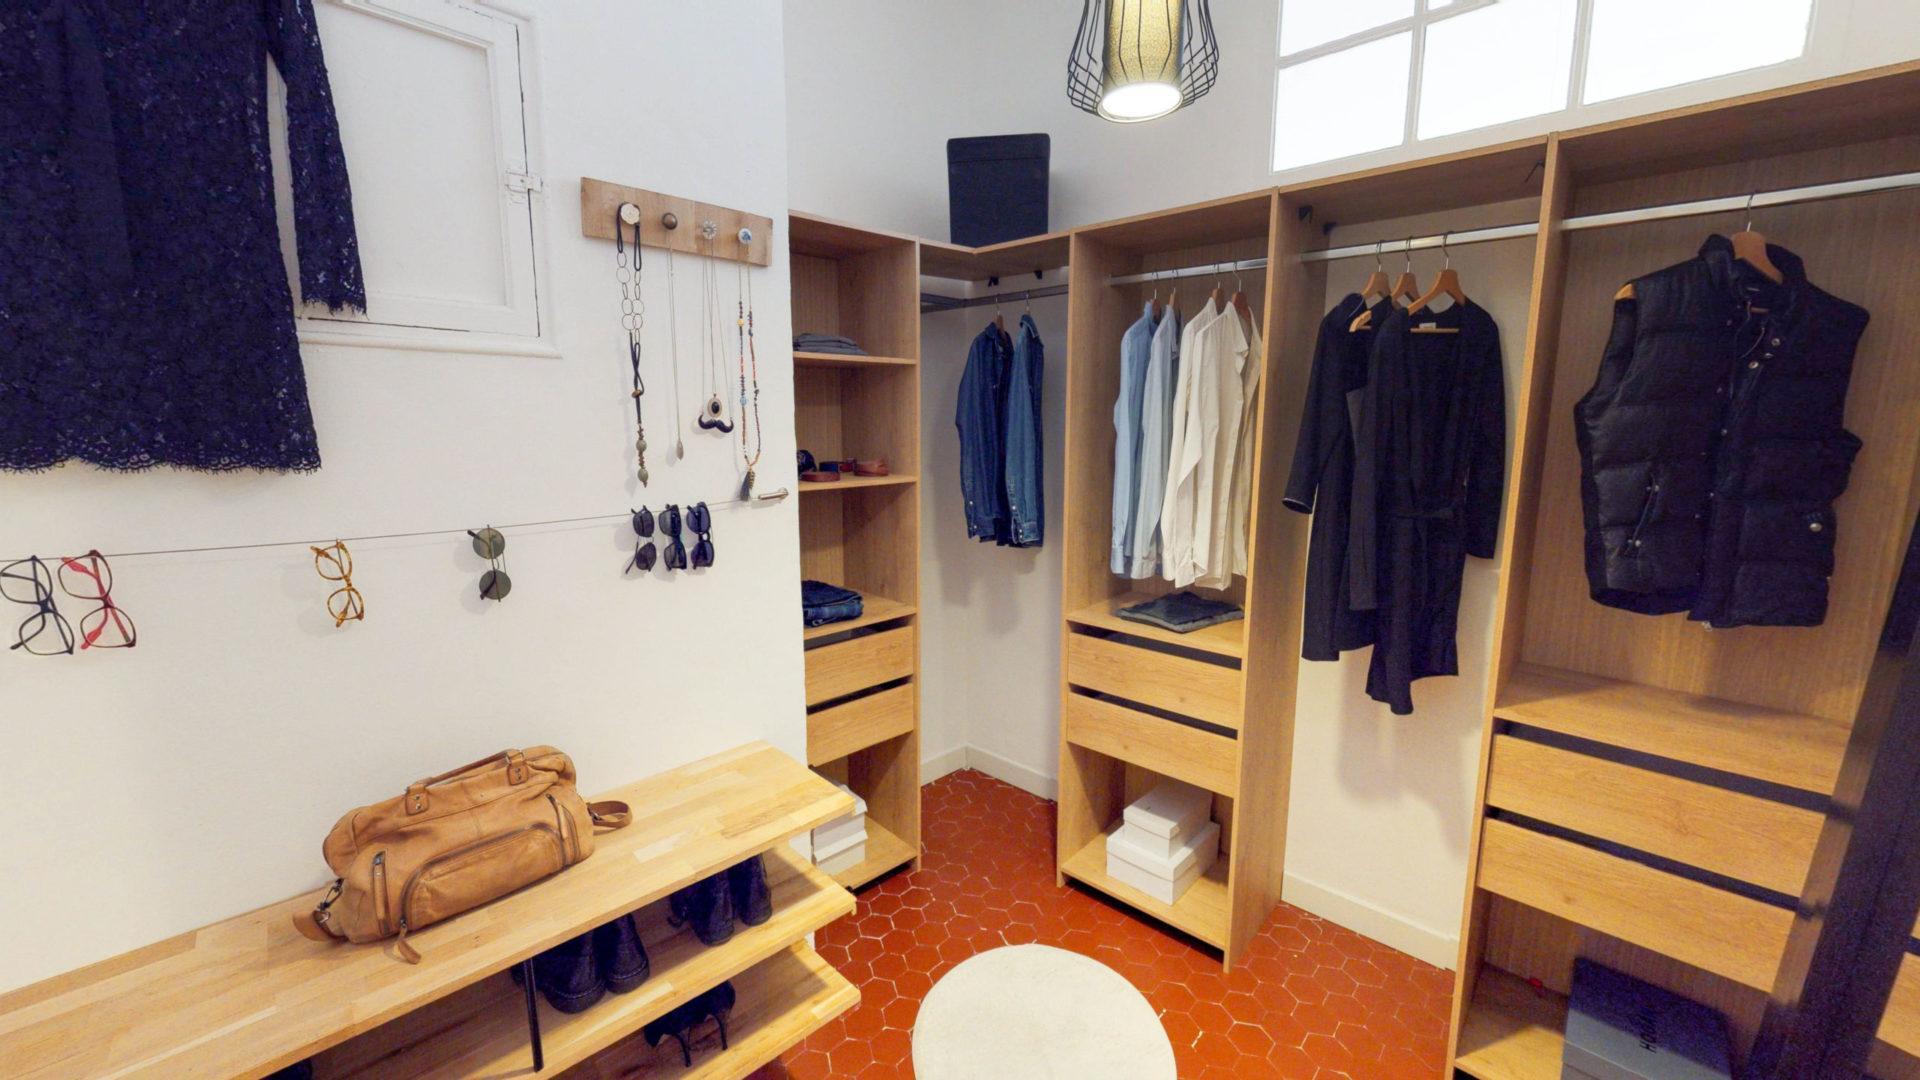 Rénovation Et Aménagement D'un Appartement Marseillais 08 destiné Aménagement Cheminée Condamnée